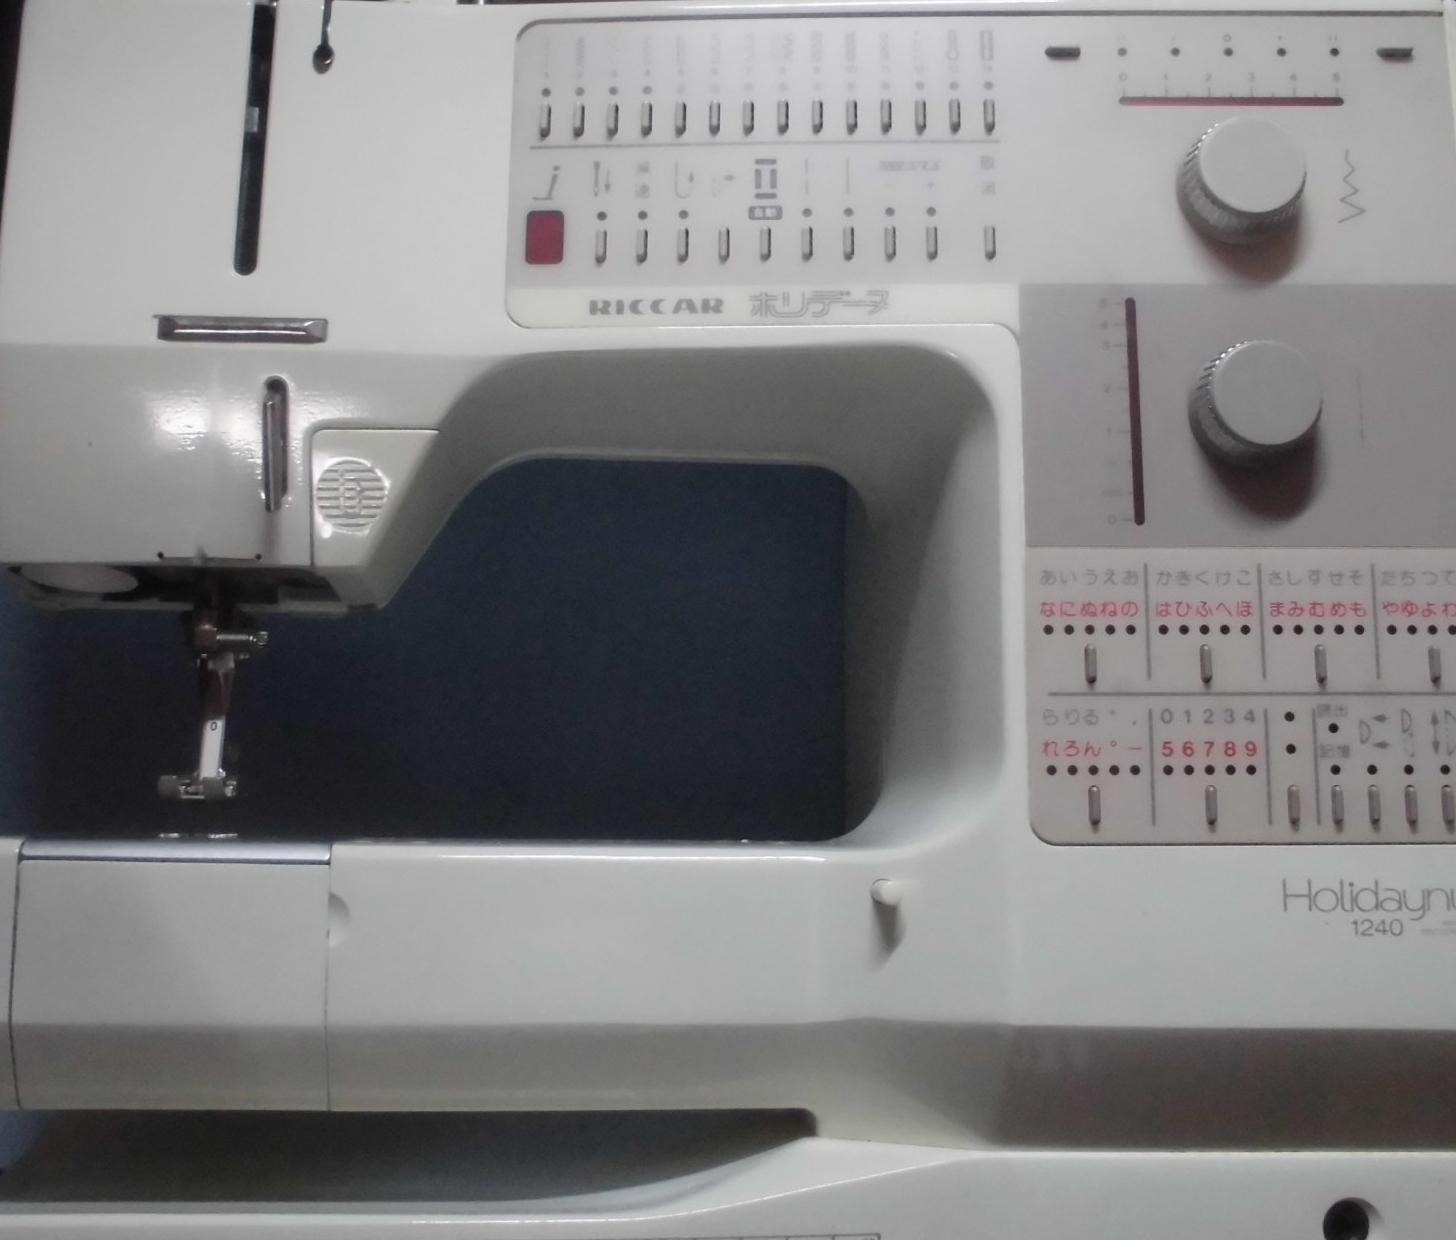 リッカーミシン修理|ホリデーヌ1240|バック縫いになる、布を正常に送らない、返し縫いしない